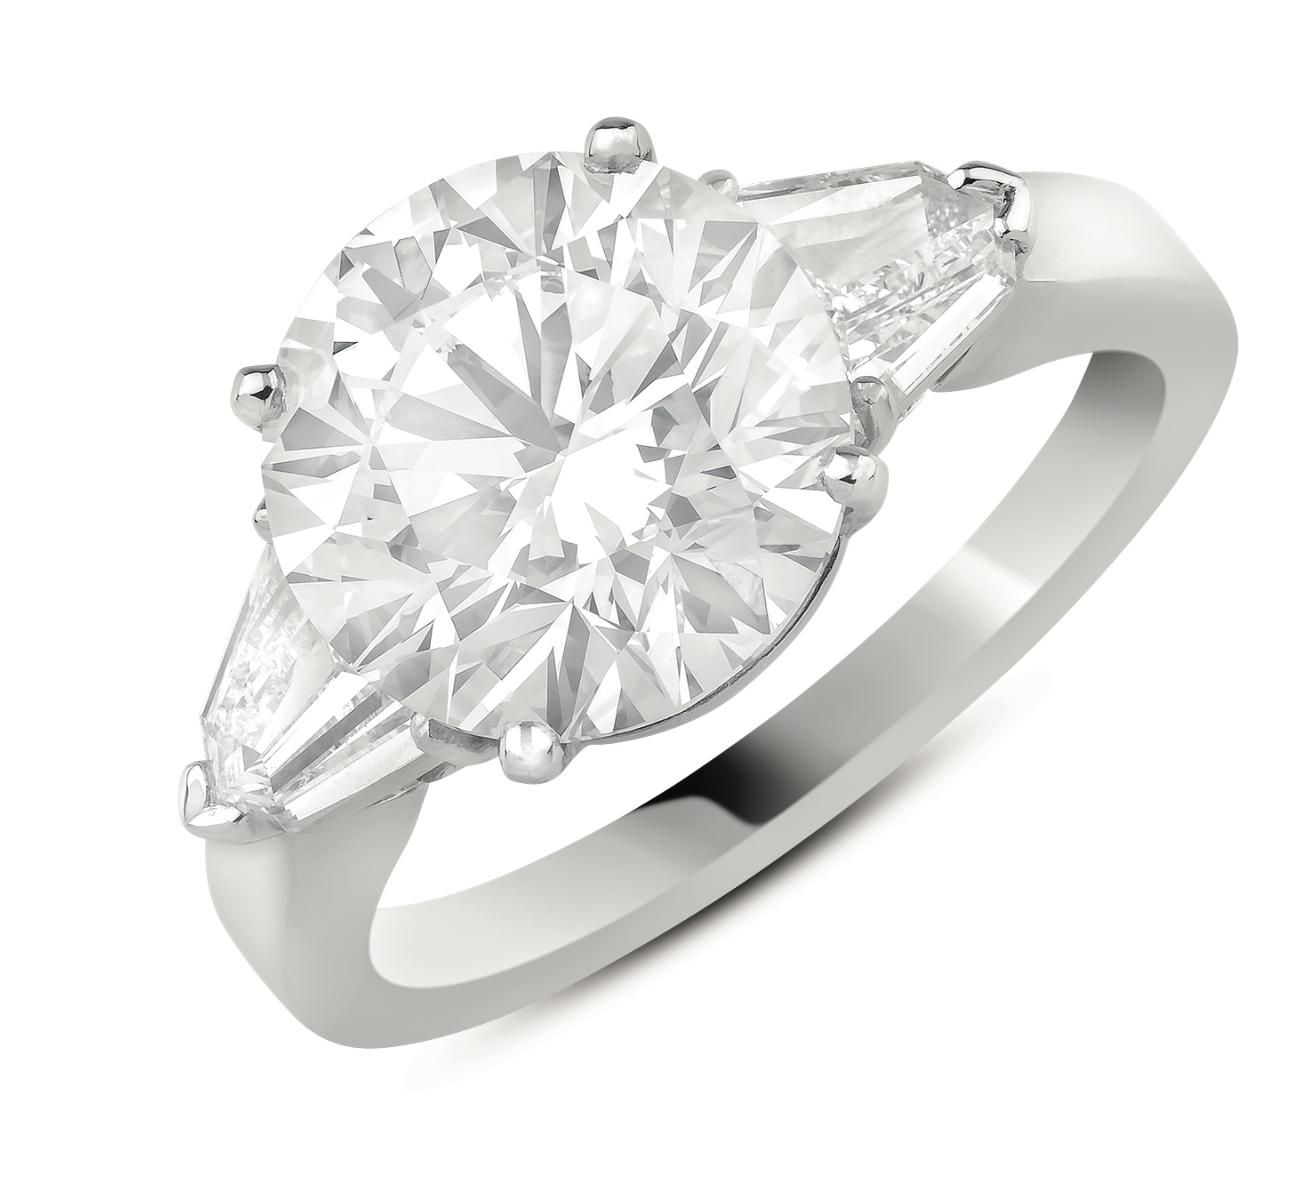 como saber si un diamante es original o no